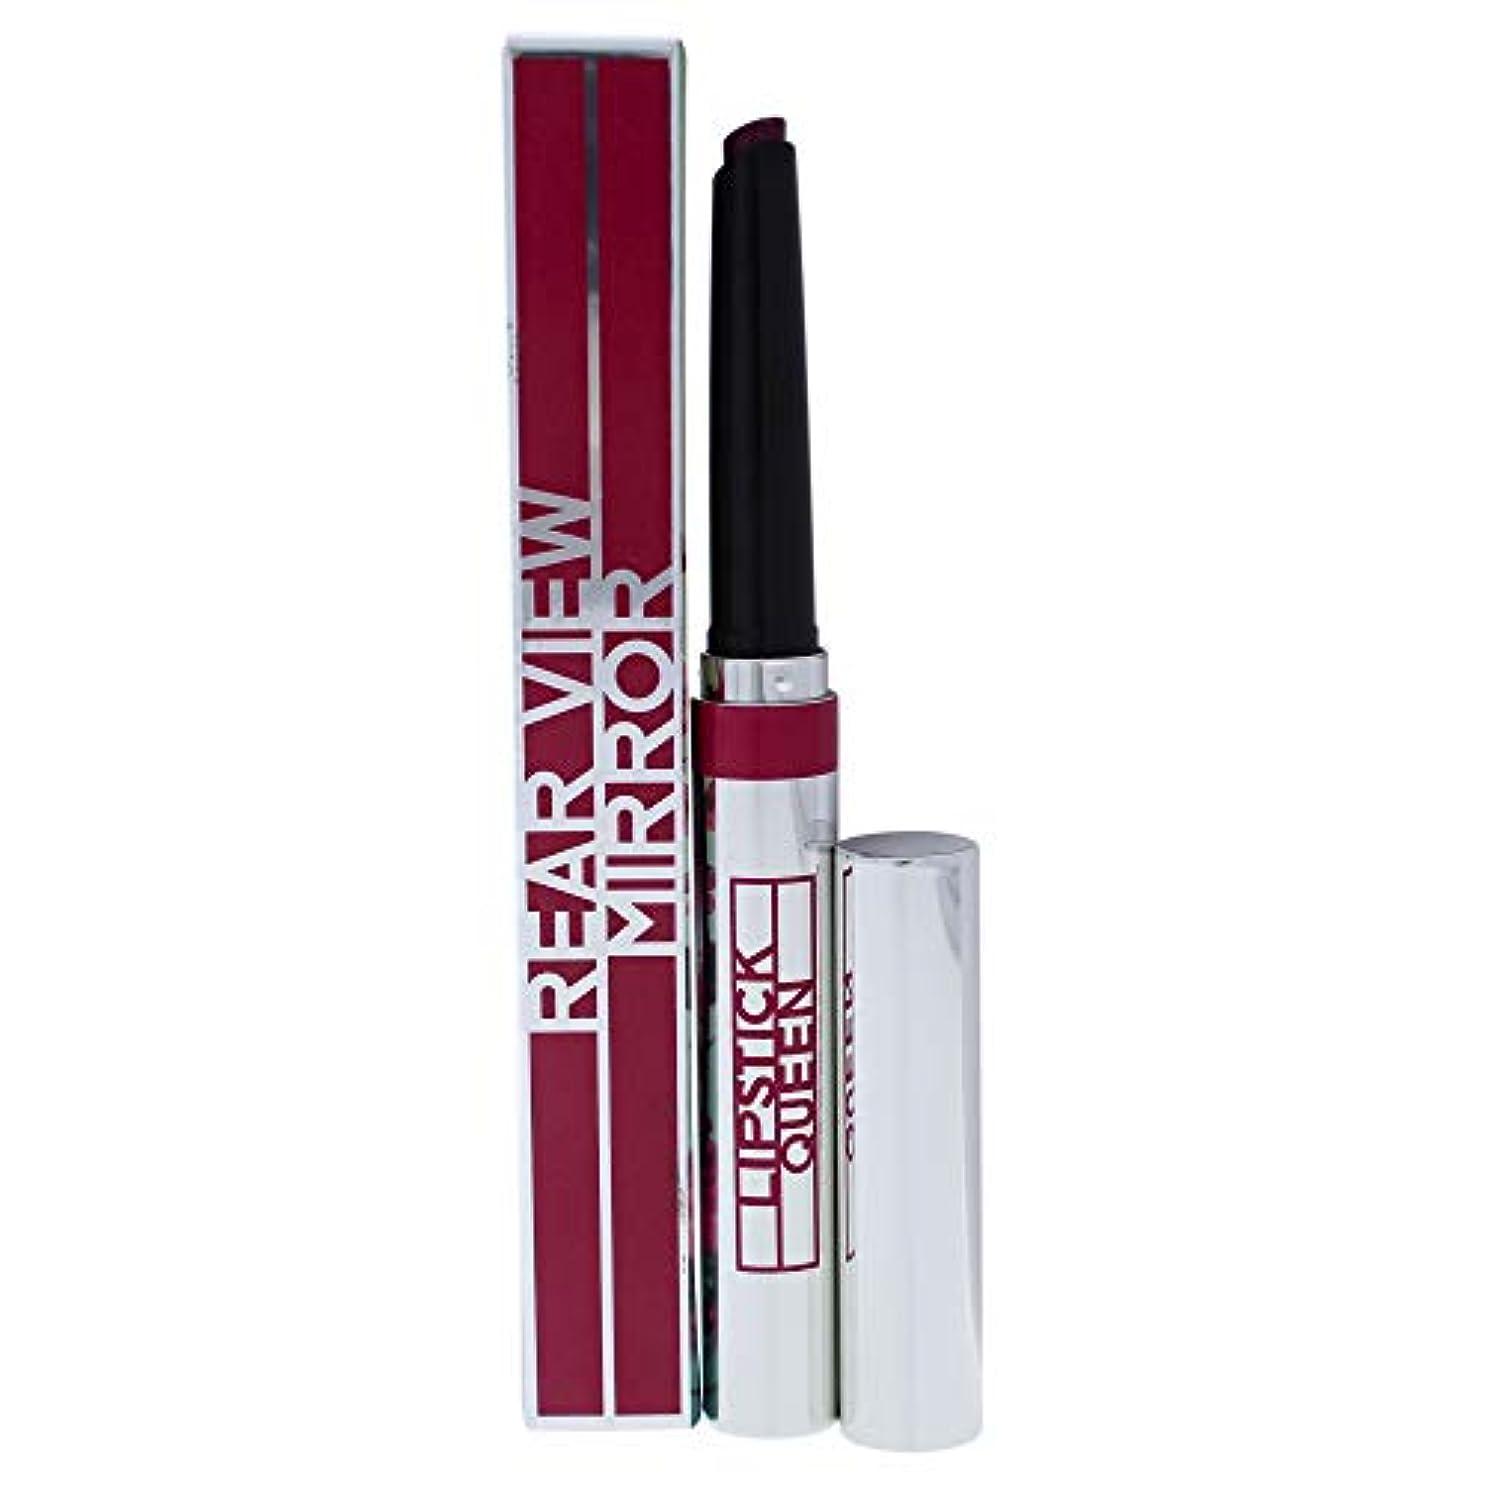 暴露縁石名門リップスティック クィーン Rear View Mirror Lip Lacquer - # Berry Tacoma (A Bright Raspberry) 1.3g/0.04oz並行輸入品